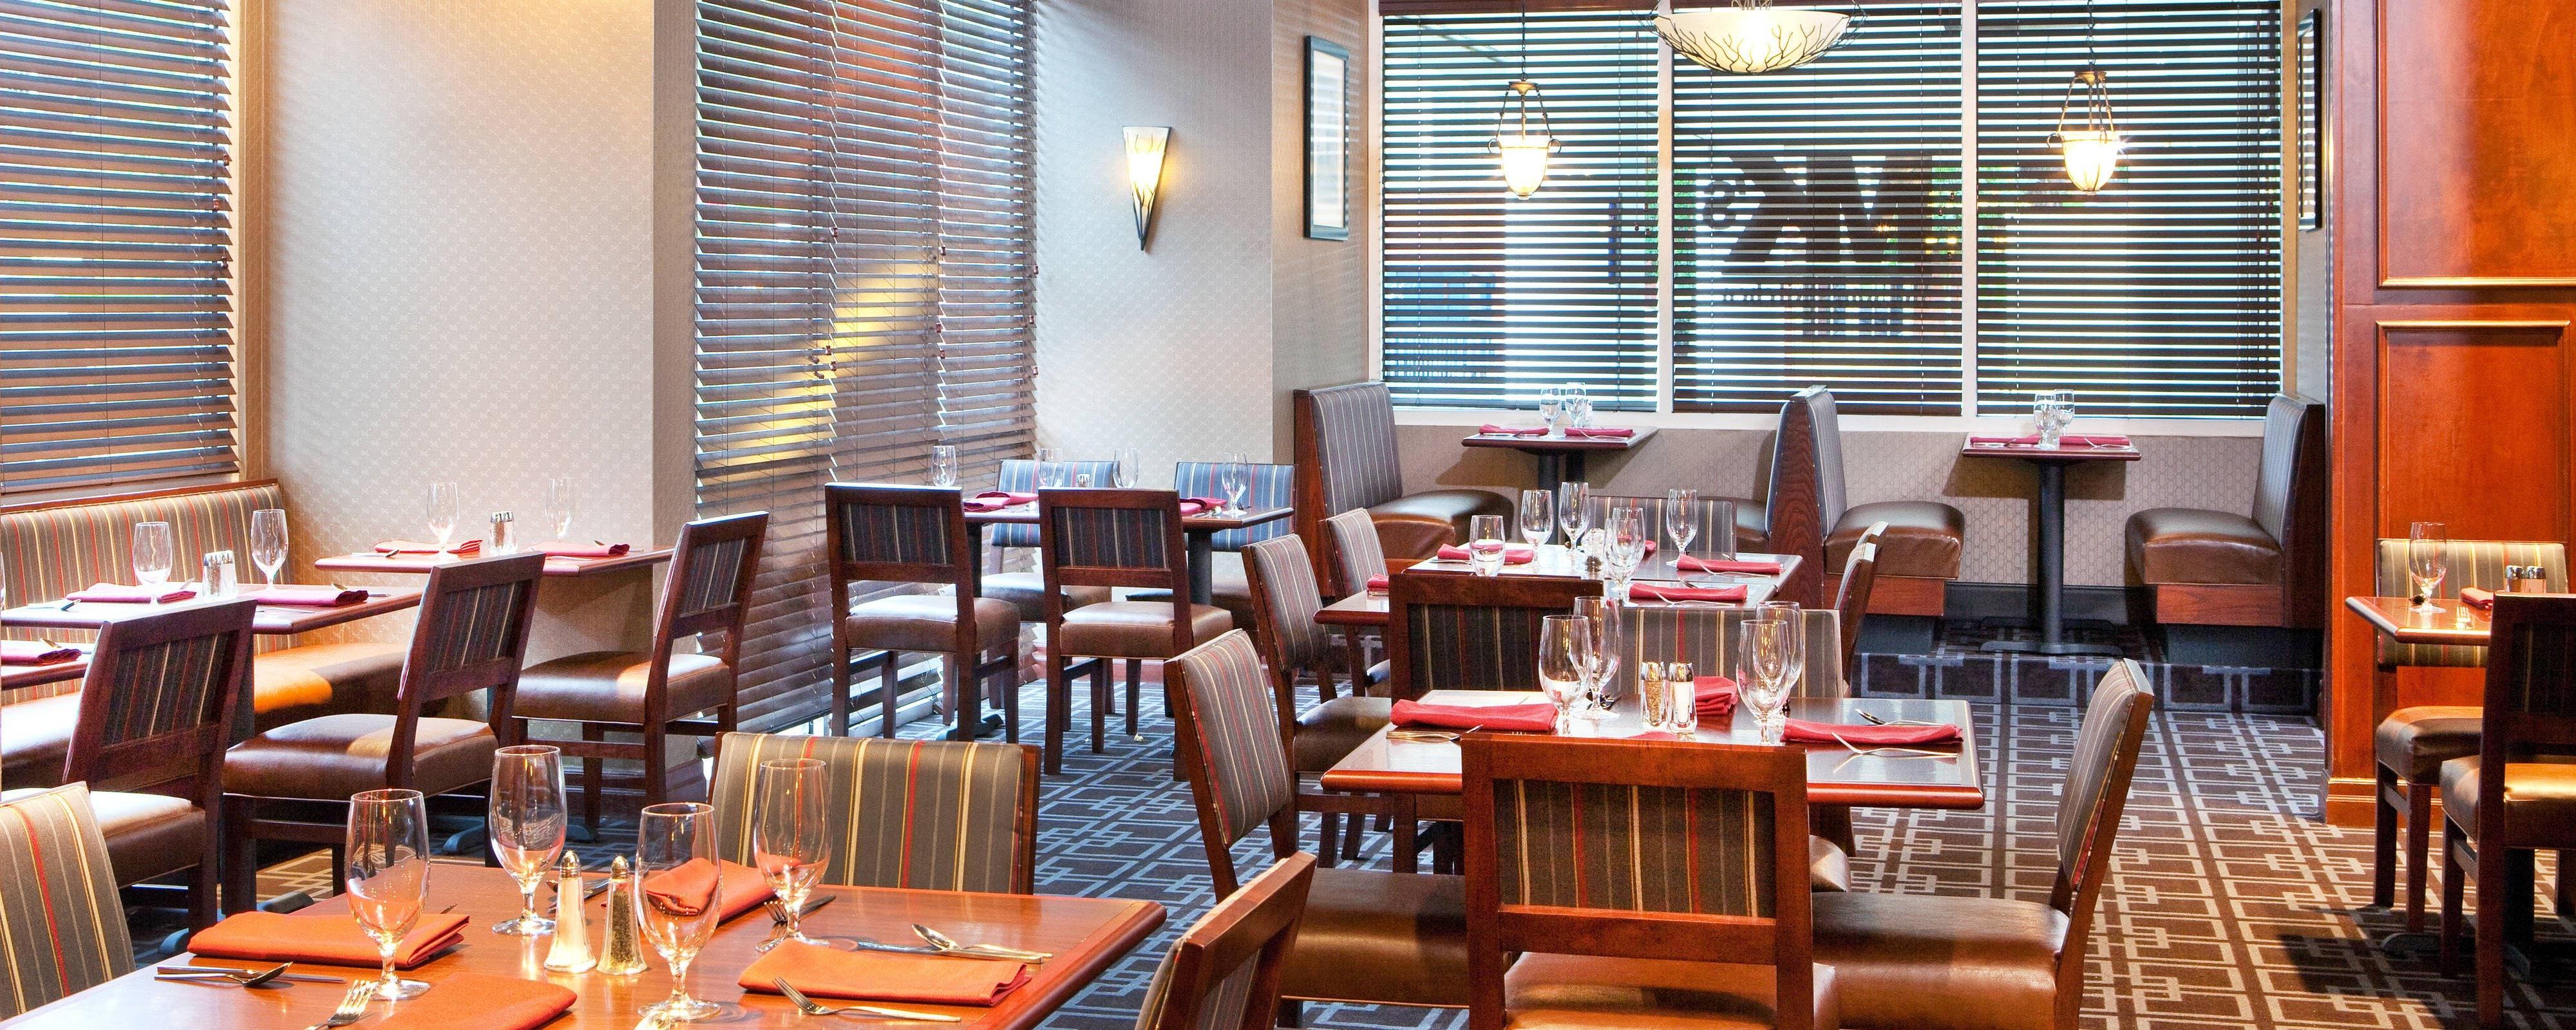 MK s Restaurant